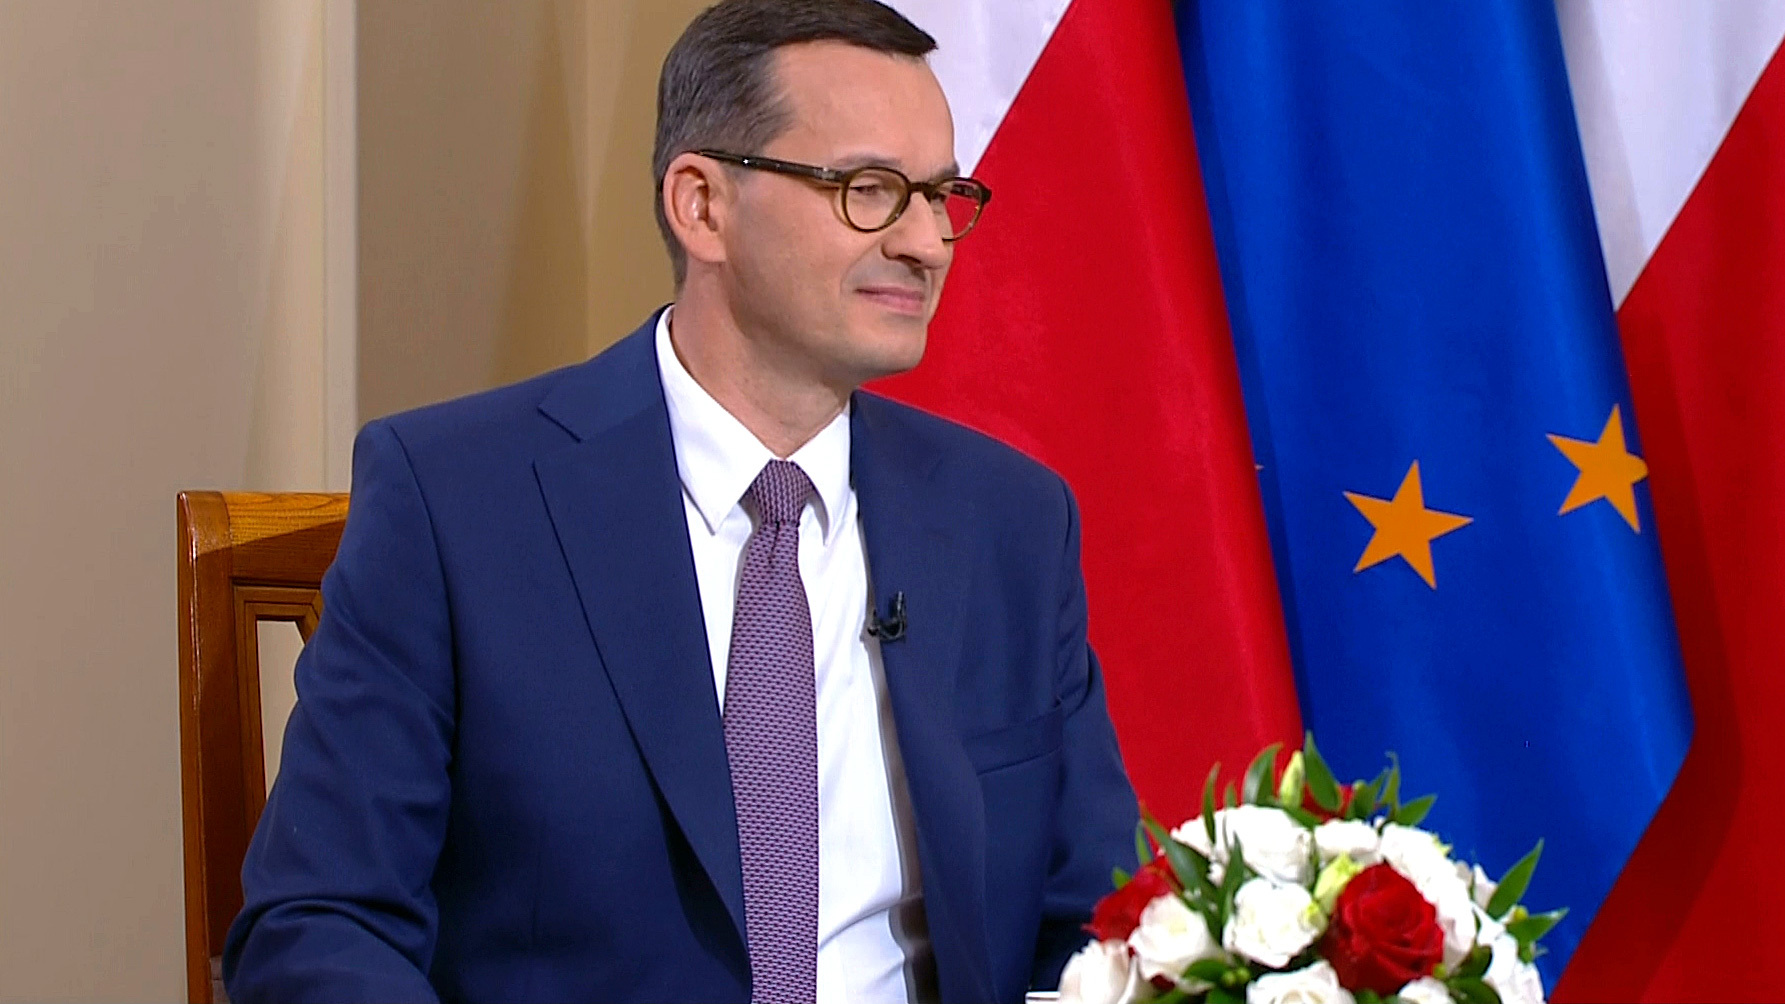 Mateusz Morawiecki o politycznej odpowiedzialności Zbigniewa Ziobry ws. afery zorganizowanego hejtu na sędziów